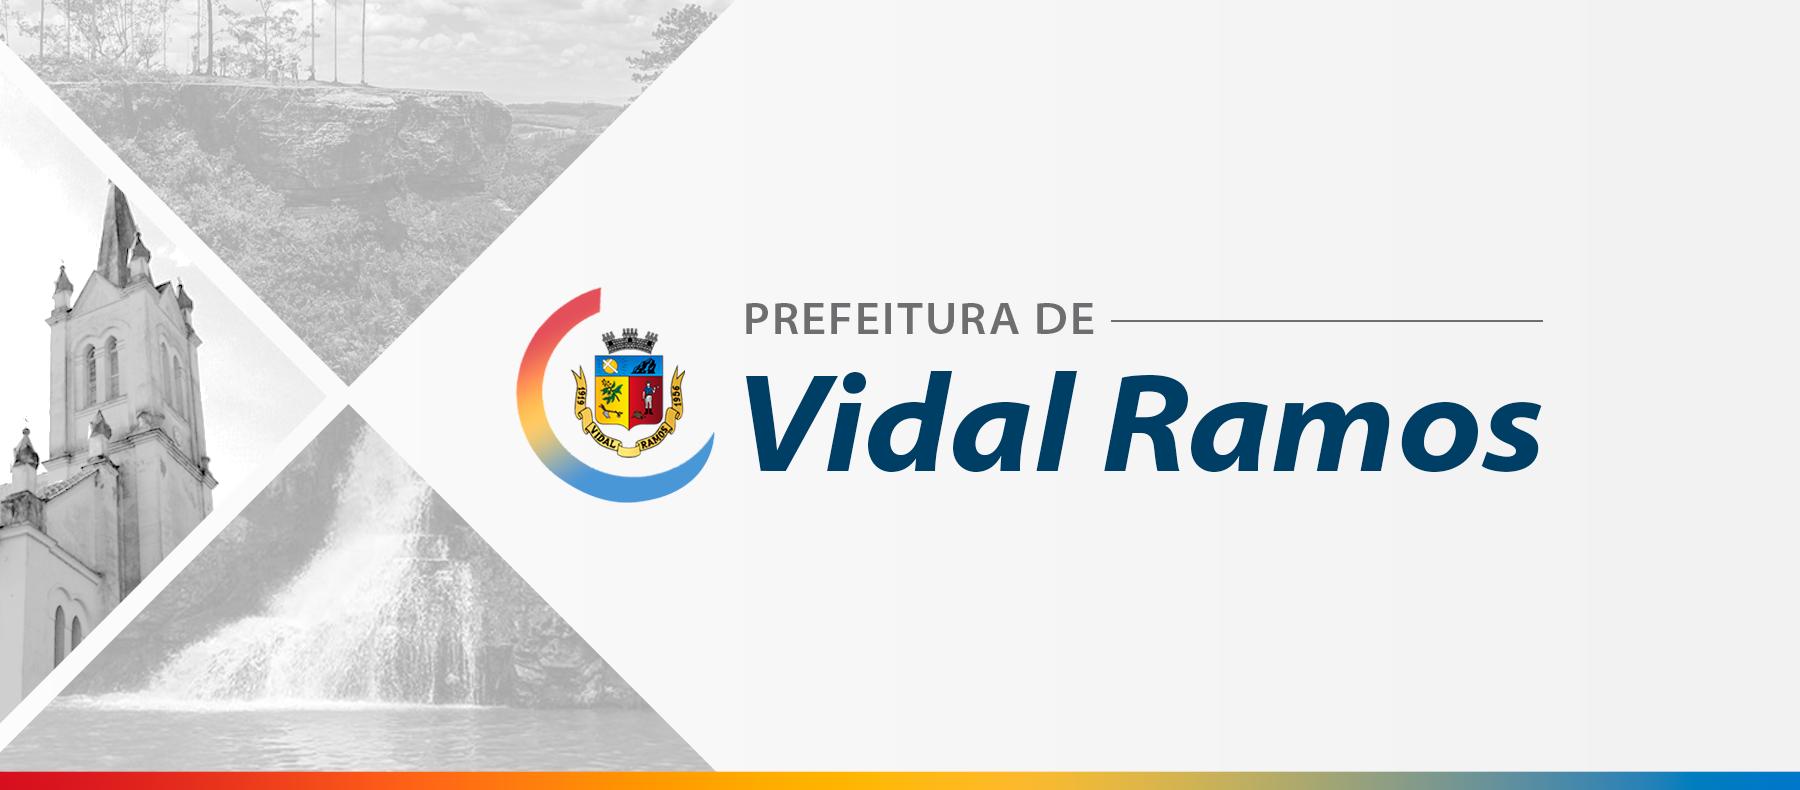 Administração de Vidal Ramos cobra do DNIT melhorias na rodovia SC-486